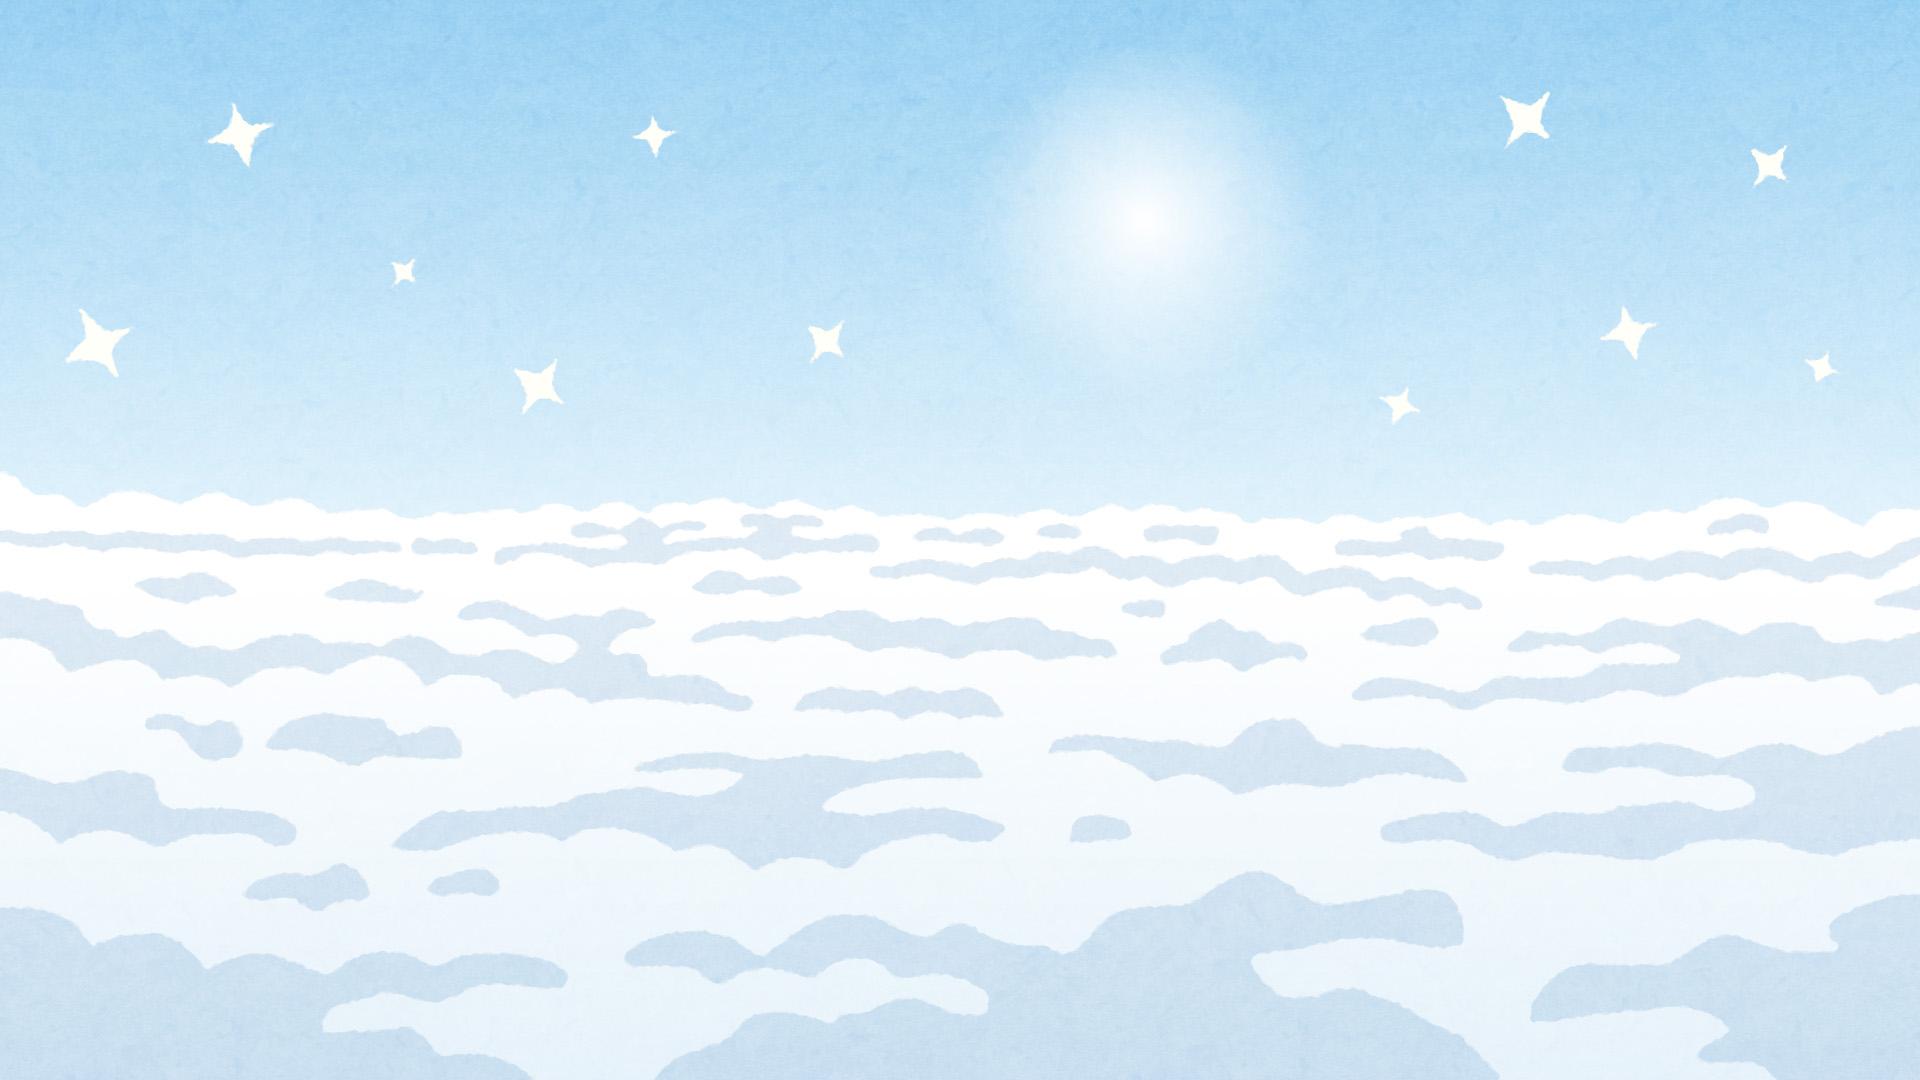 天国のイラスト(背景素材) | かわいいフリー素材集 いらすとや